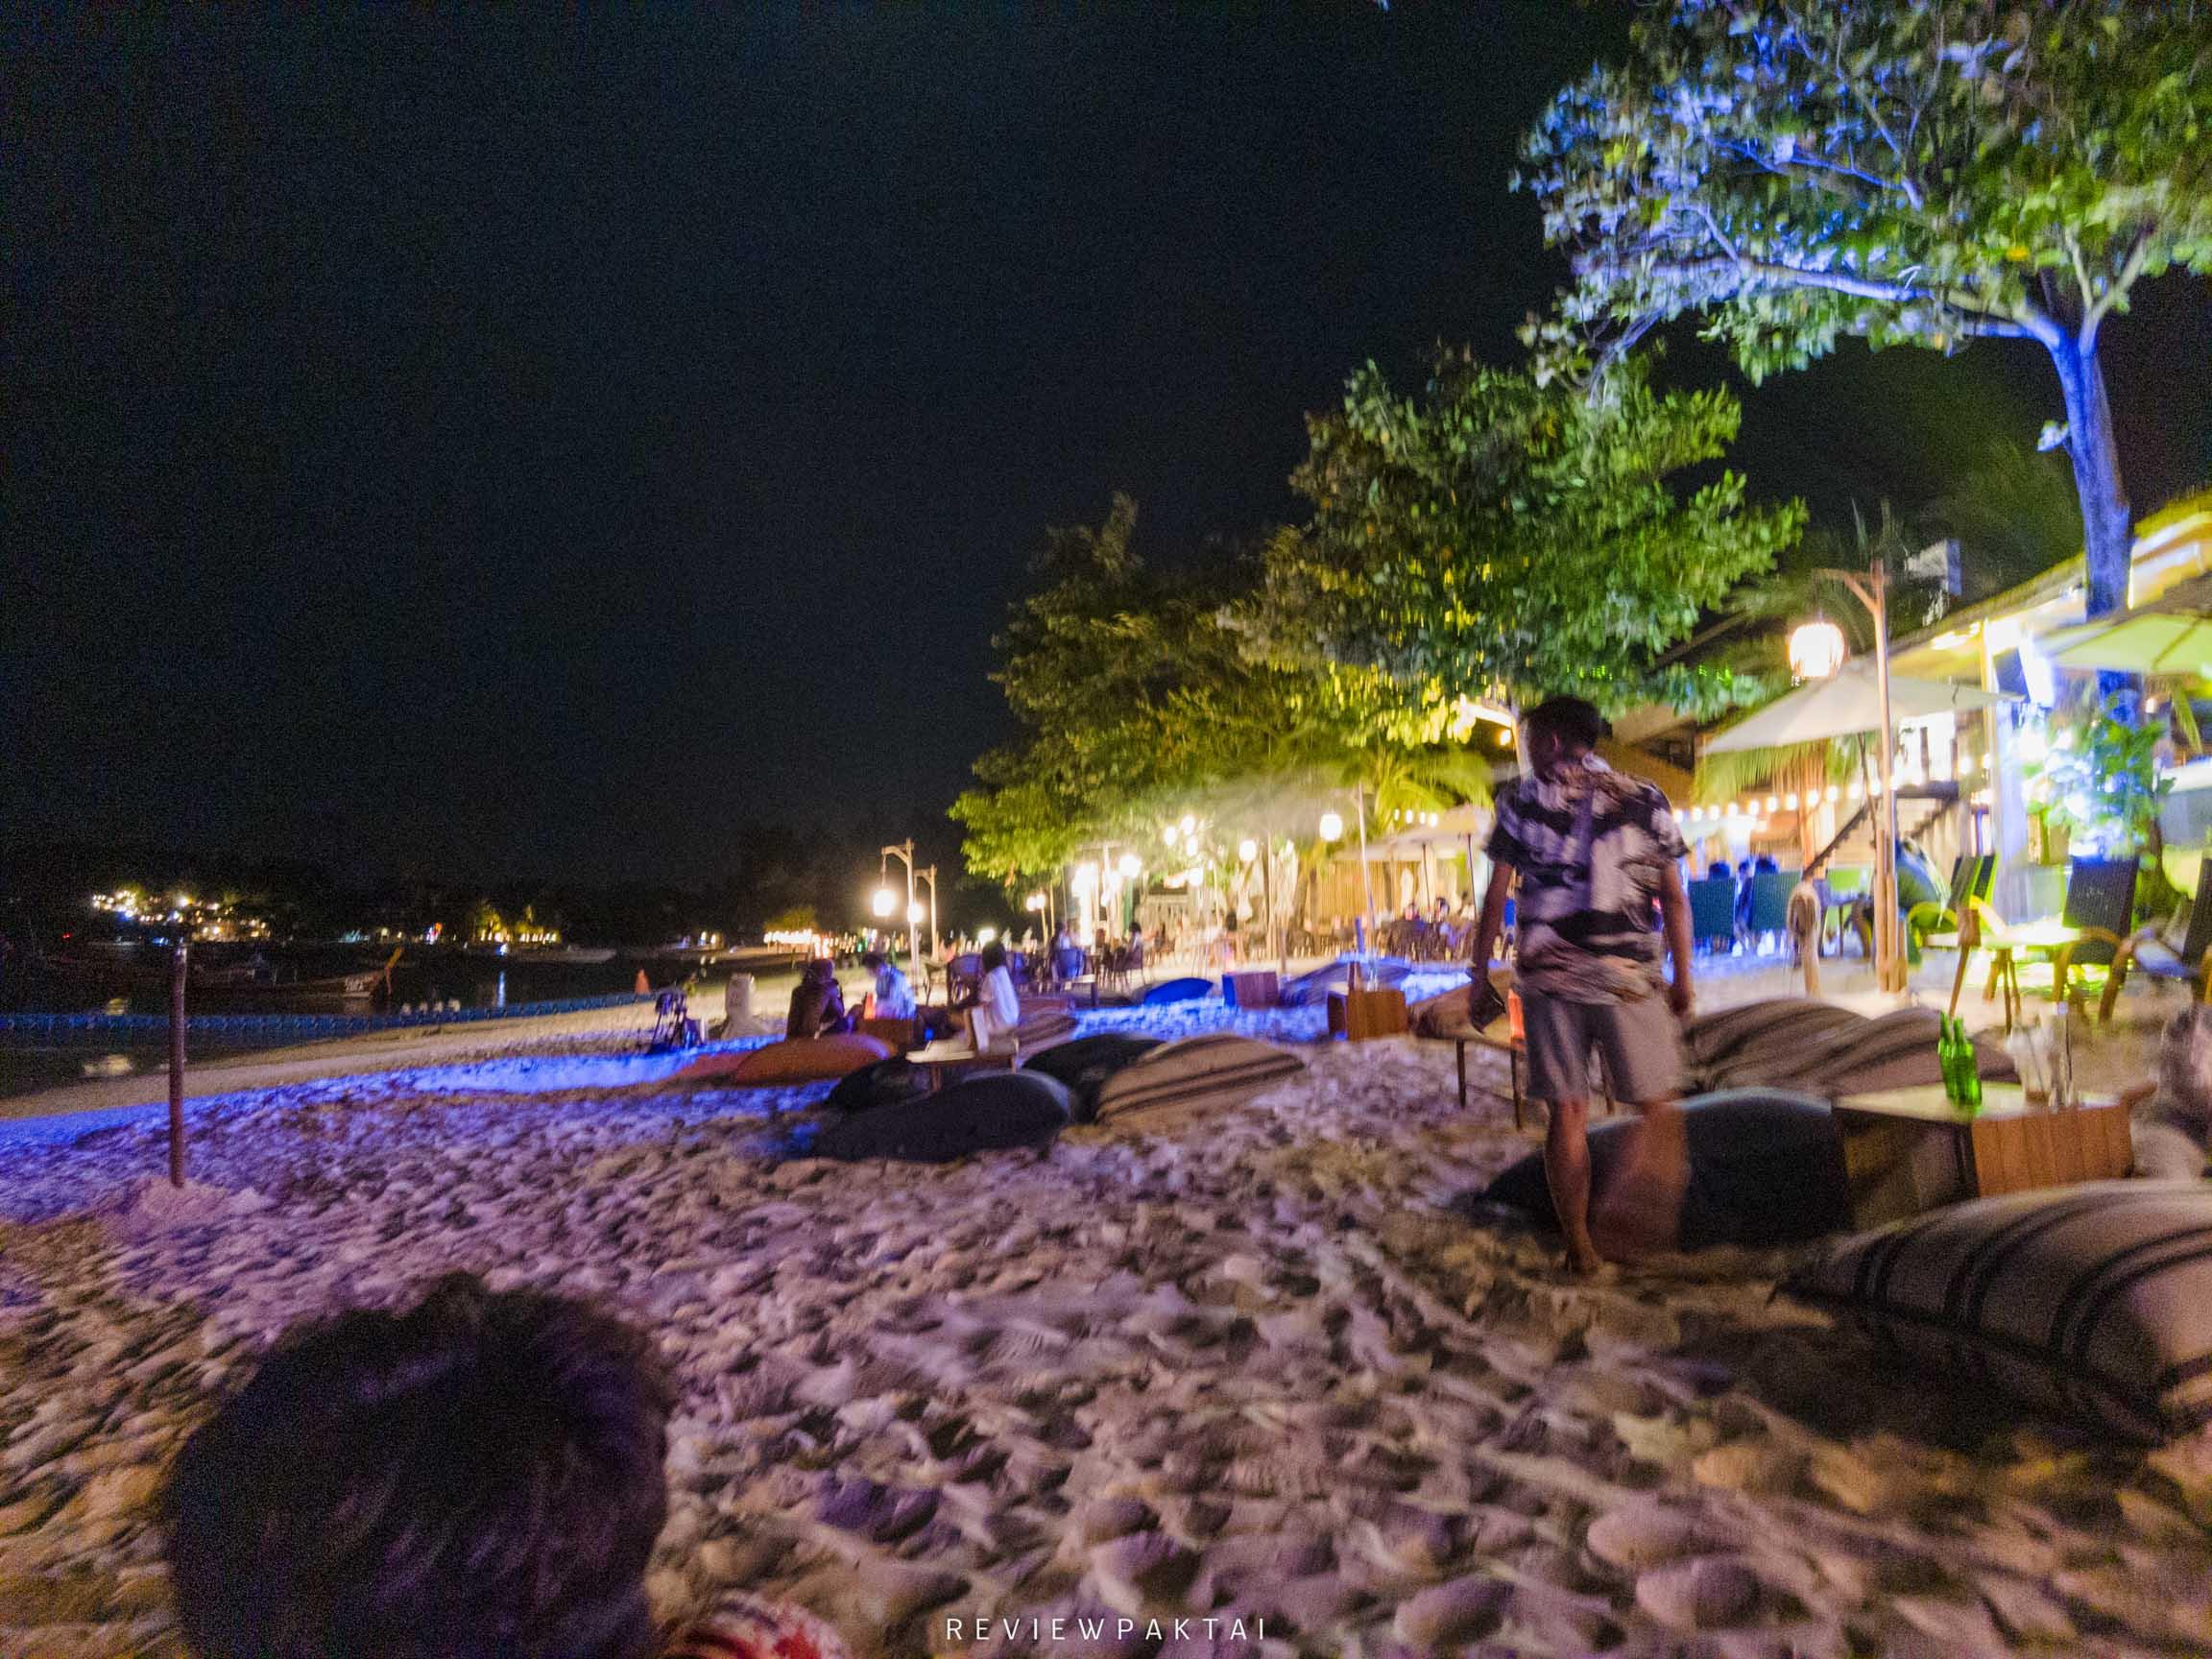 หน้าหาดหน้าโรงแรมช่วงค่ำจะเป็นบีชบาร์สวยๆ ที่พักหลีเป๊ะ,ที่พักสตูล,ที่พักติดทะเล,เกาะหลีเป๊ะ,ananya,resort,lipe